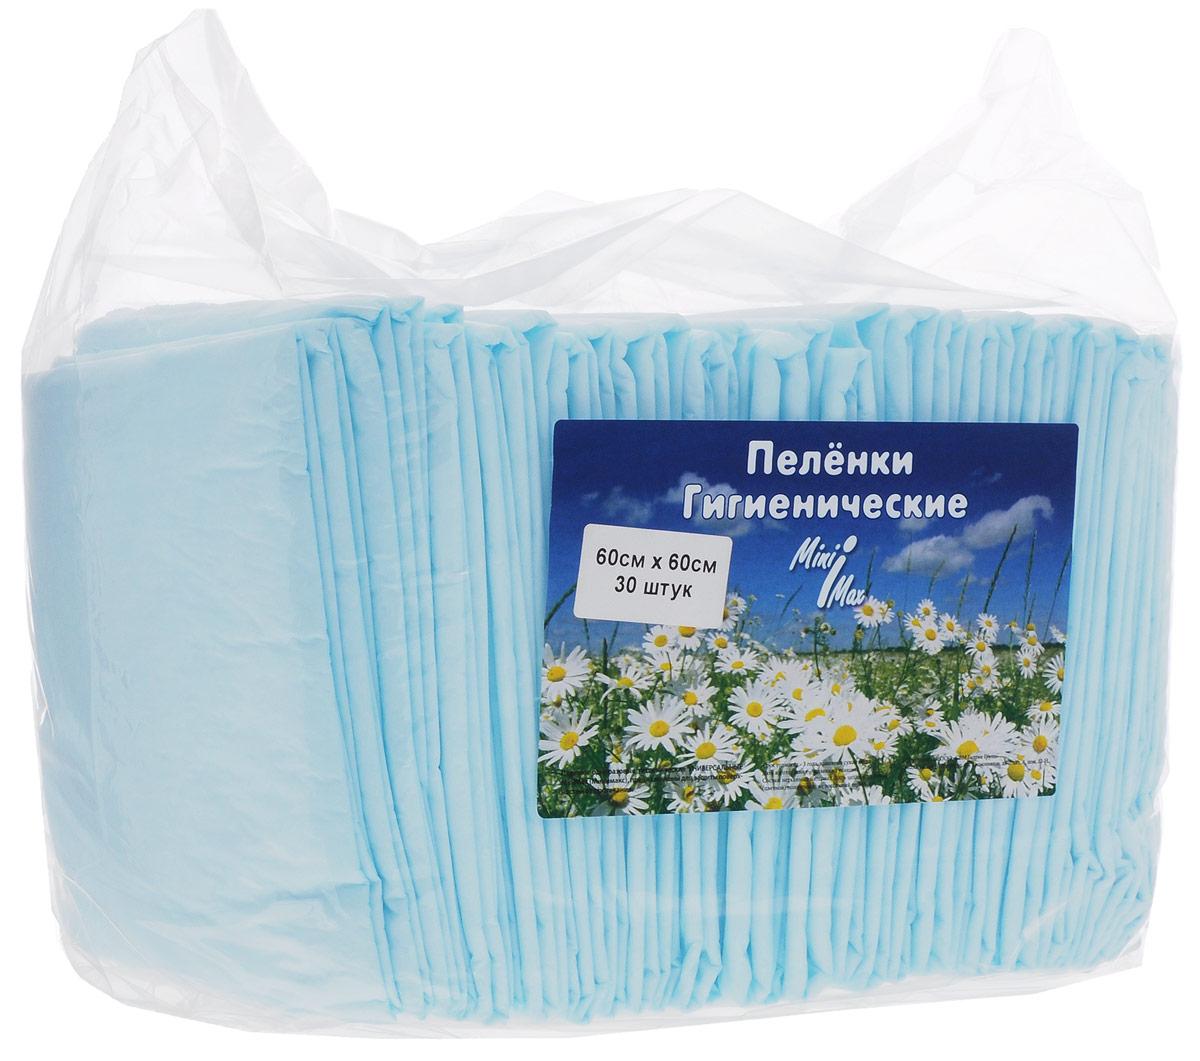 MiniMax Гигиенические пеленки универсальные 60 x 60 см 30 шт